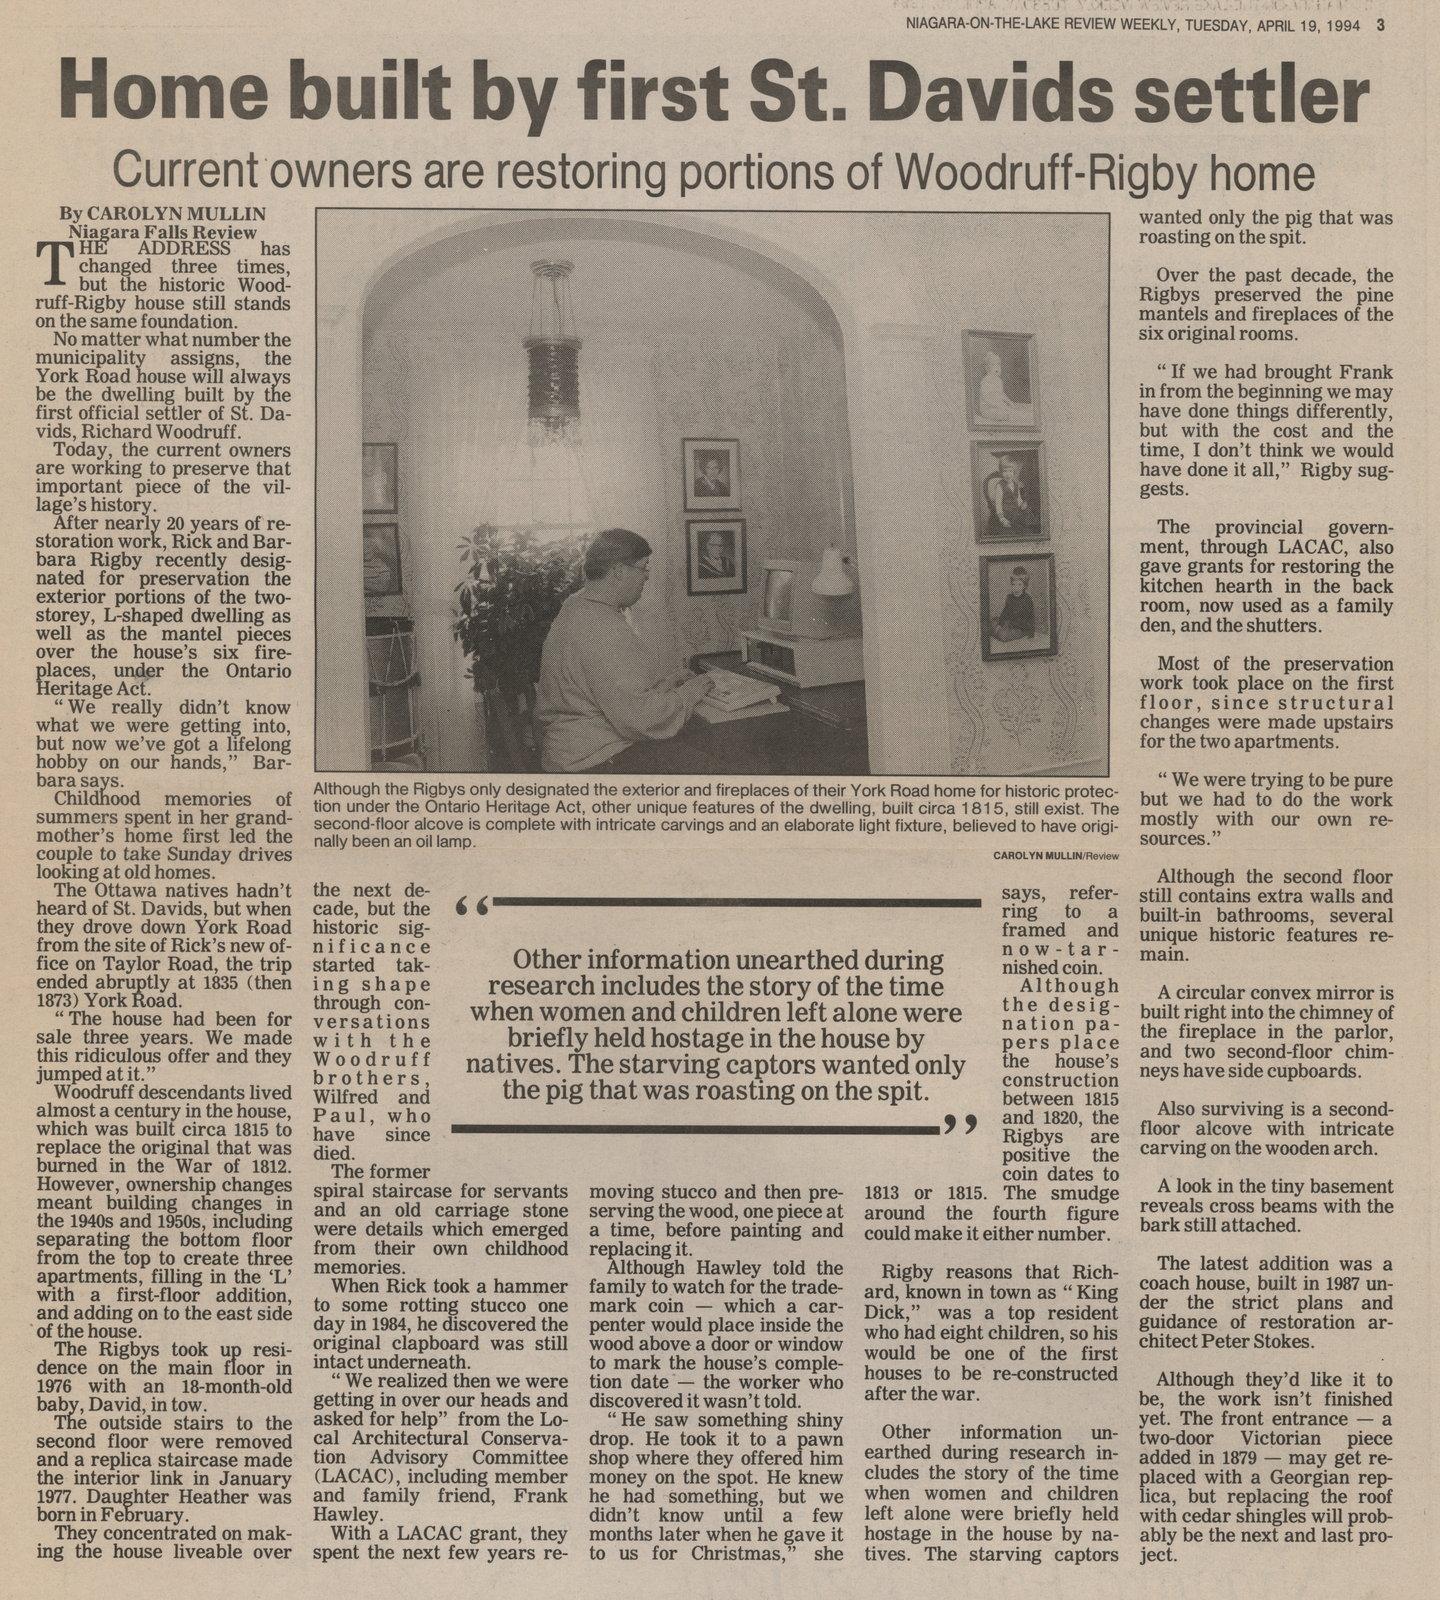 Home built by first St. Davids settler